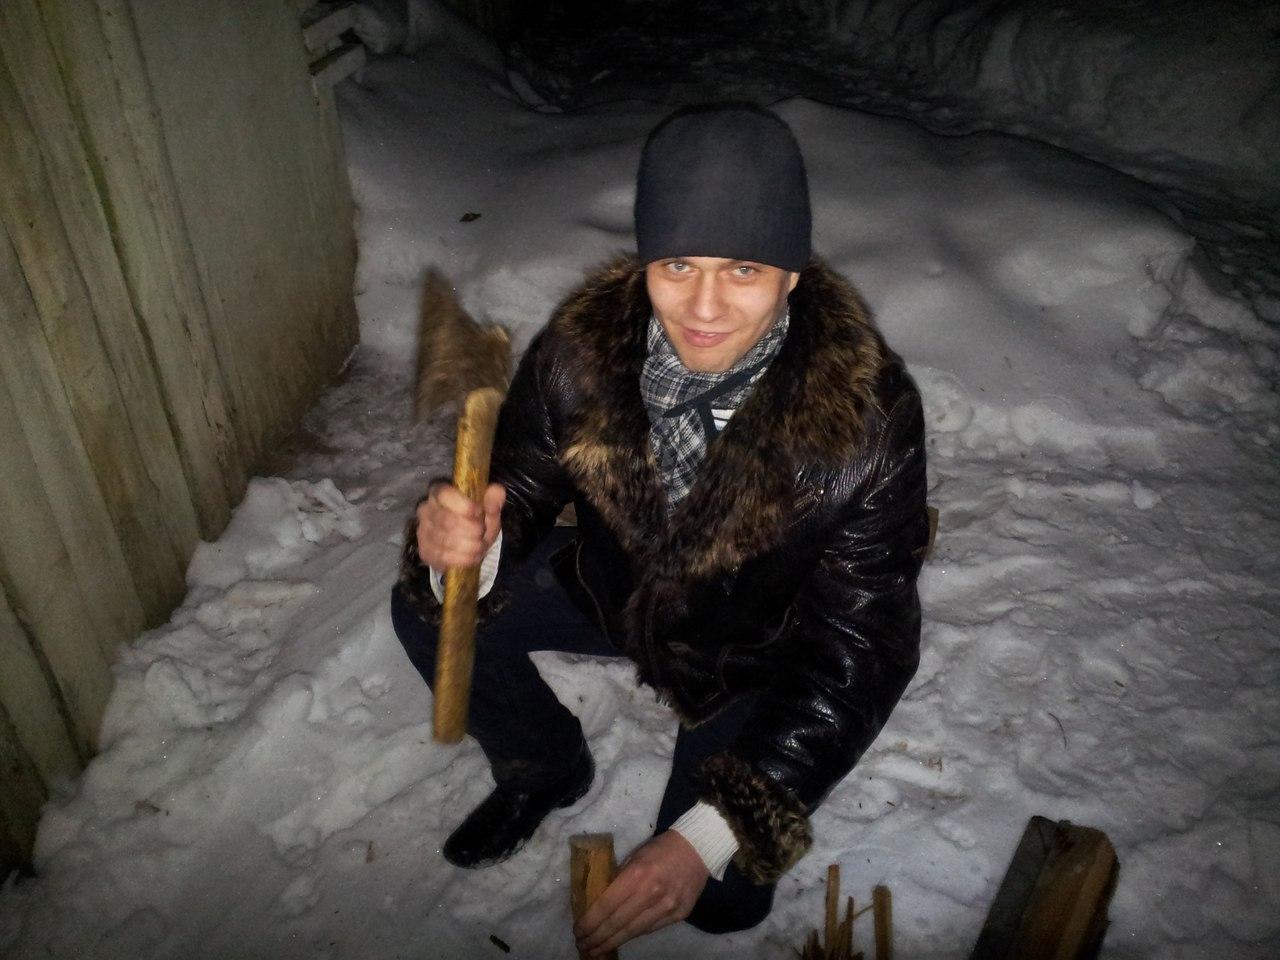 Дмитрий Алешин, Нижний Новгород - фото №3